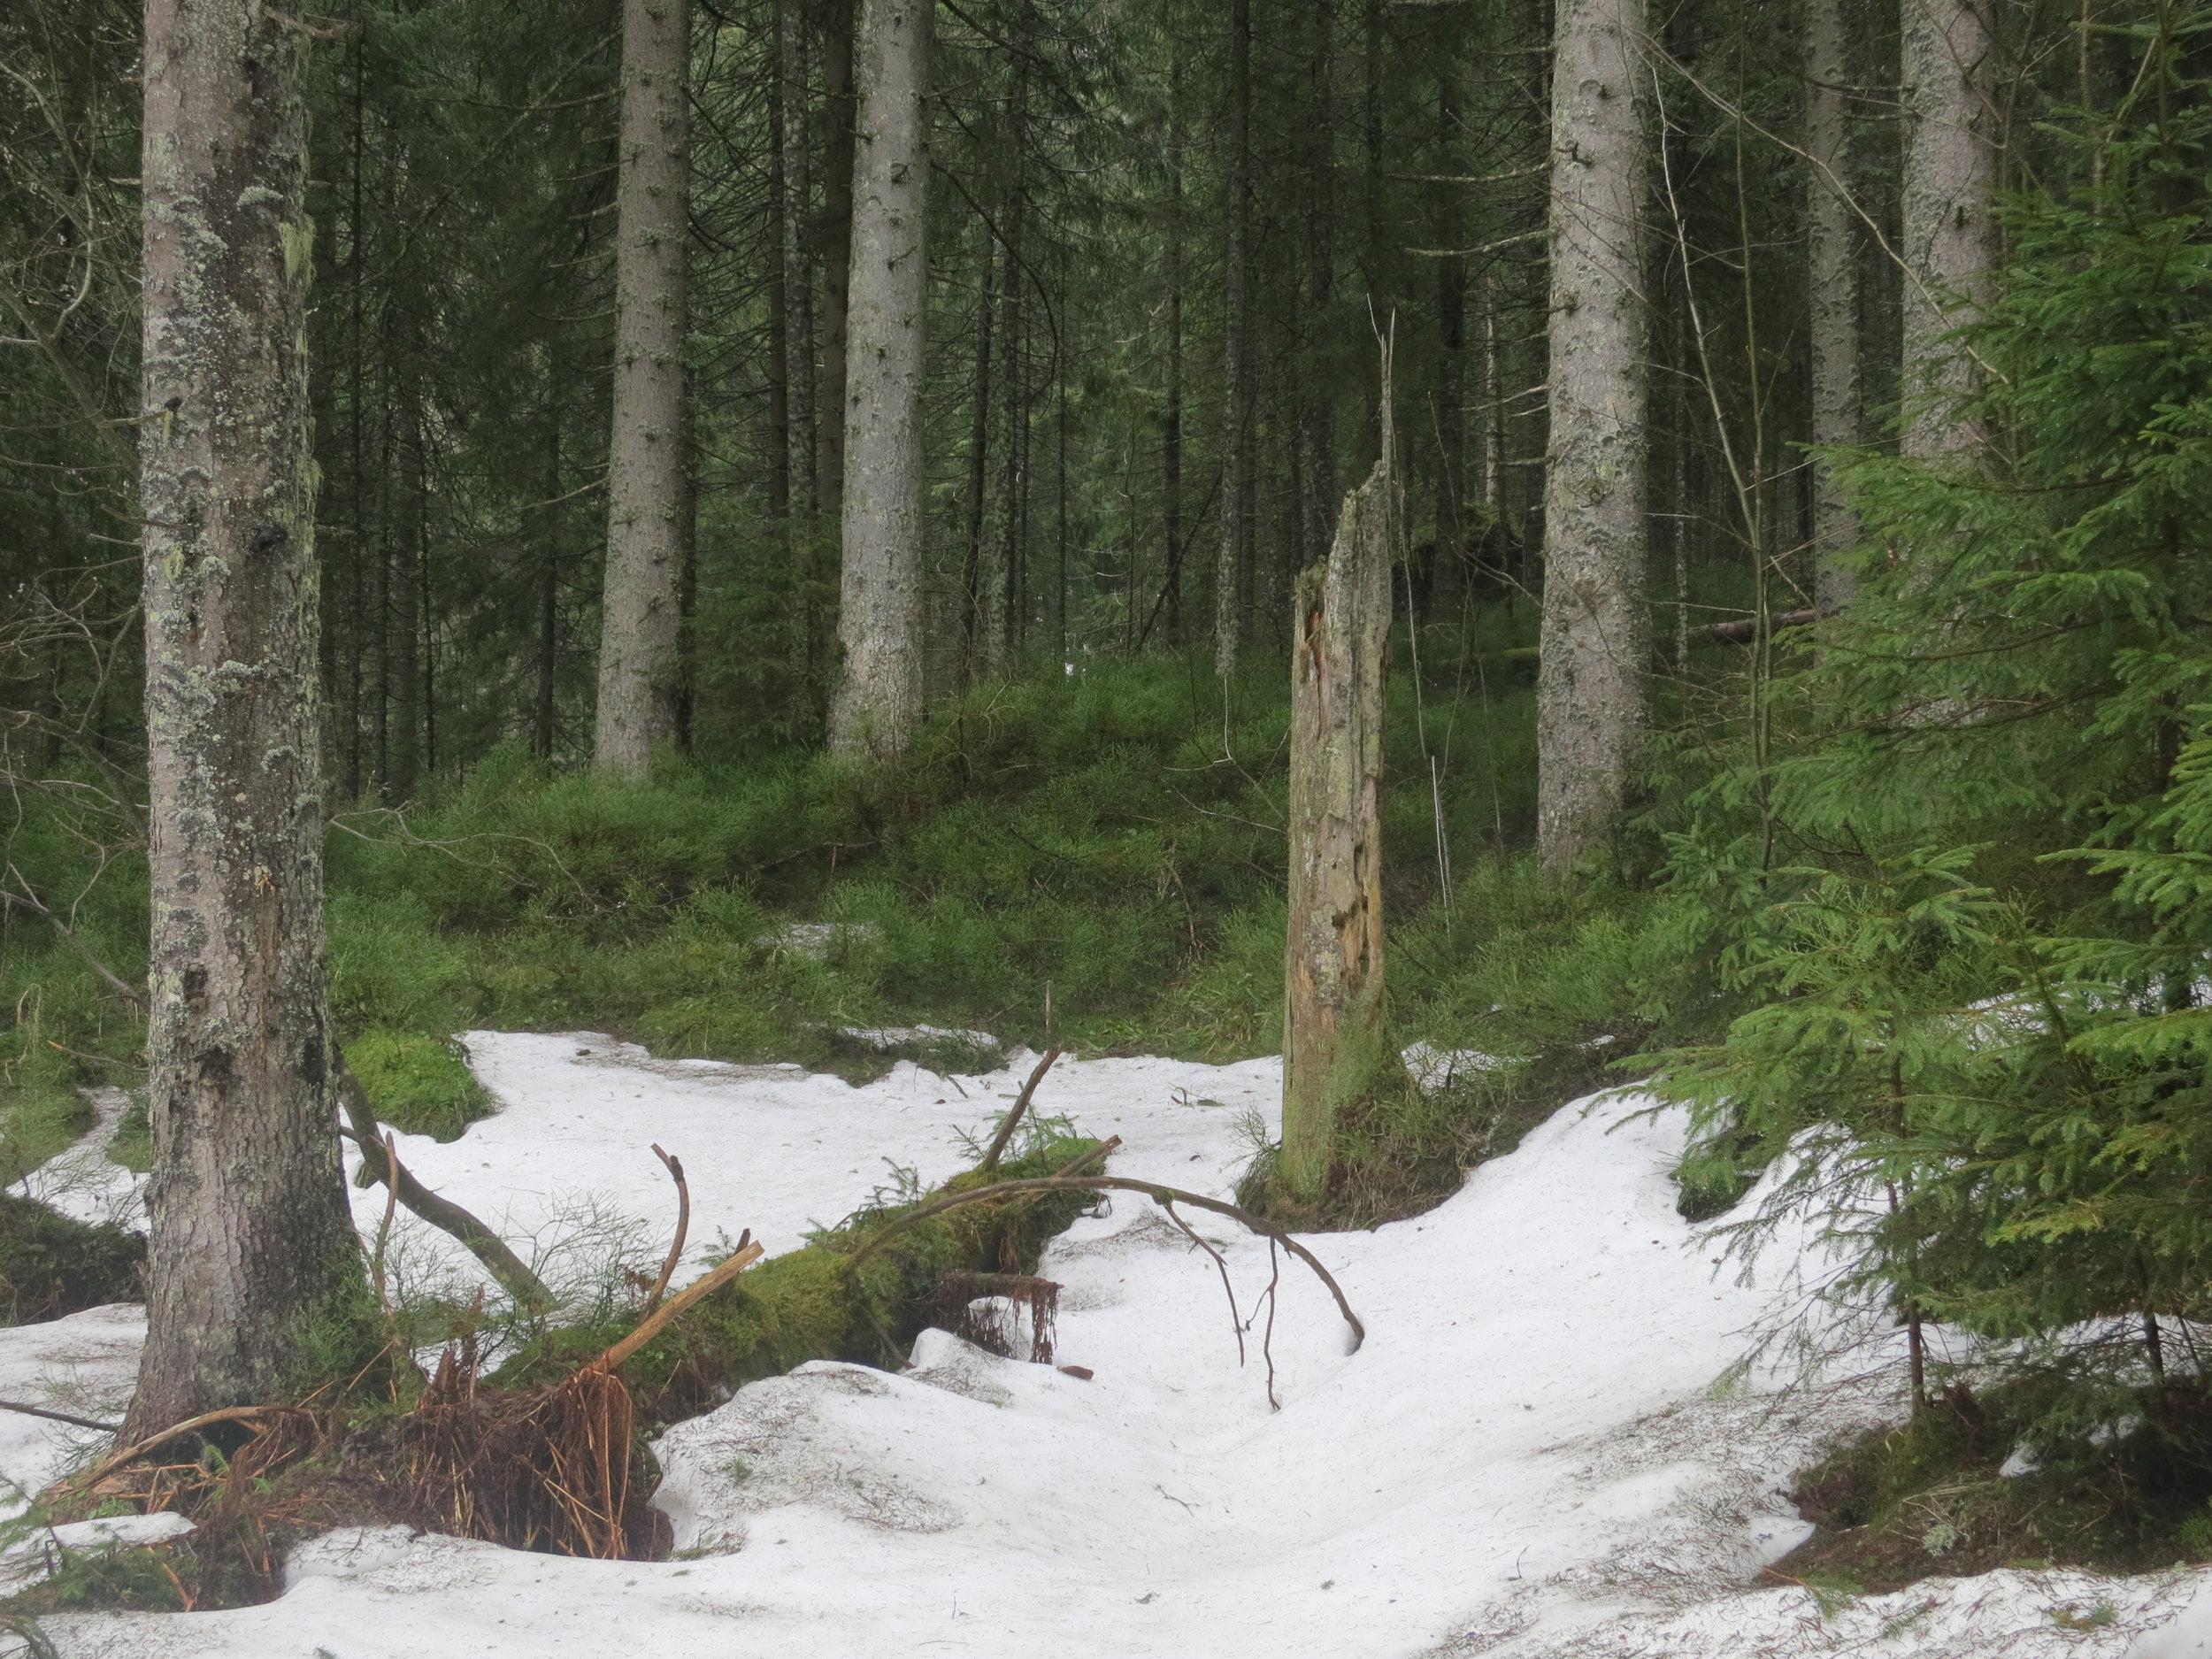 Snow in the woods on the way to Dolina Pięciu Stawów